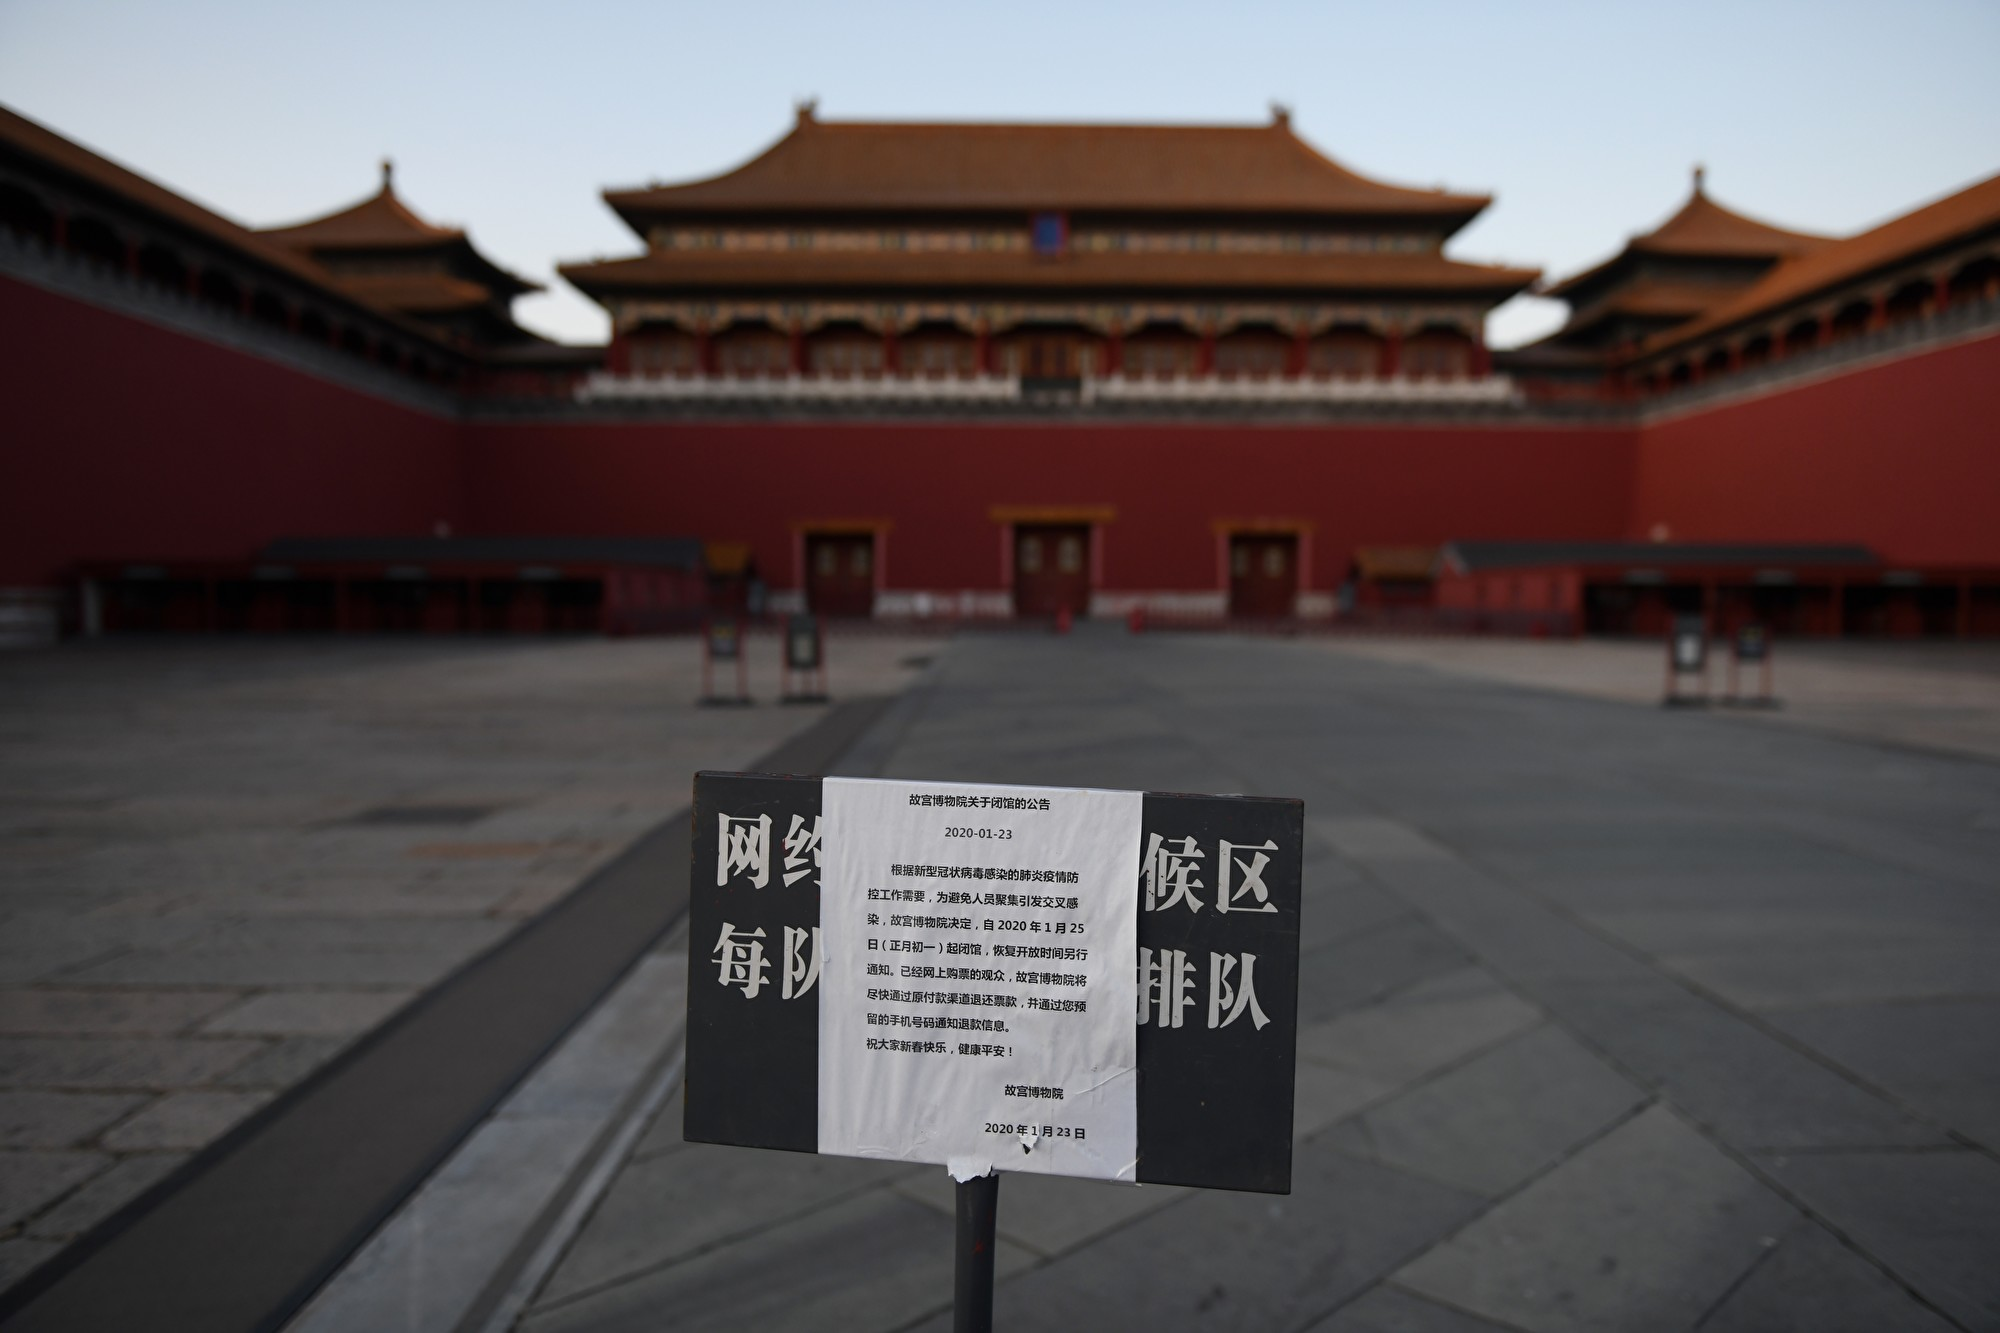 路透記者:中共病毒籠罩下 北京冷清如空城